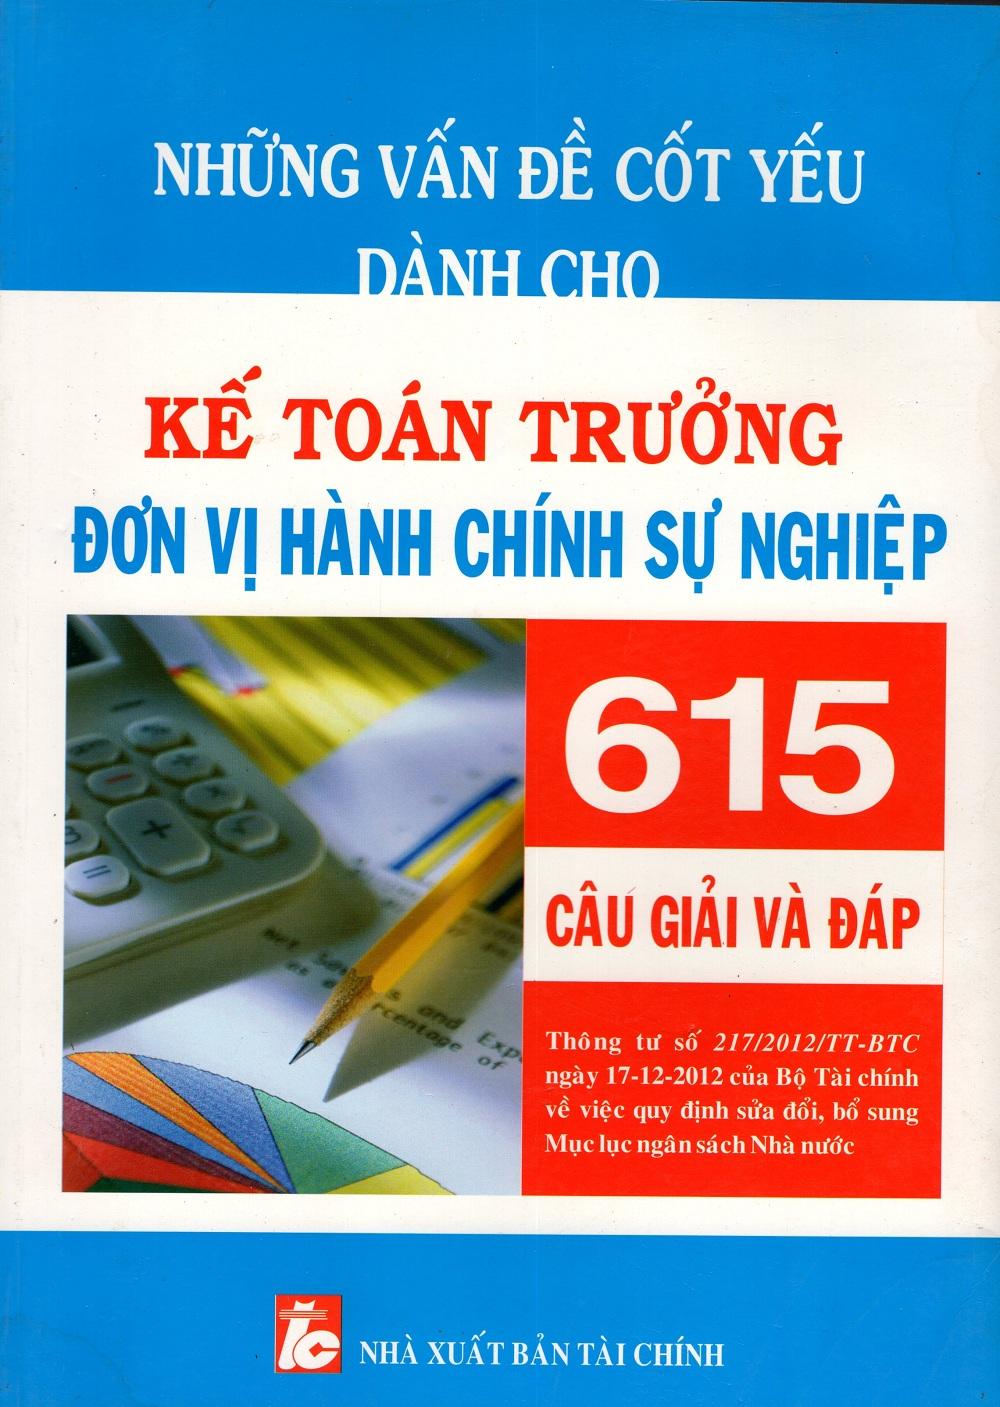 Những Vấn Đề Cốt Yếu Dành Cho Kế Toán Trưởng Đơn Vị Hành Chính Sự Nghiệp - 615 Câu Giải Và Đáp - 9386968 , 2427583751477 , 62_1104632 , 320000 , Nhung-Van-De-Cot-Yeu-Danh-Cho-Ke-Toan-Truong-Don-Vi-Hanh-Chinh-Su-Nghiep-615-Cau-Giai-Va-Dap-62_1104632 , tiki.vn , Những Vấn Đề Cốt Yếu Dành Cho Kế Toán Trưởng Đơn Vị Hành Chính Sự Nghiệp - 615 Câu Giải Và